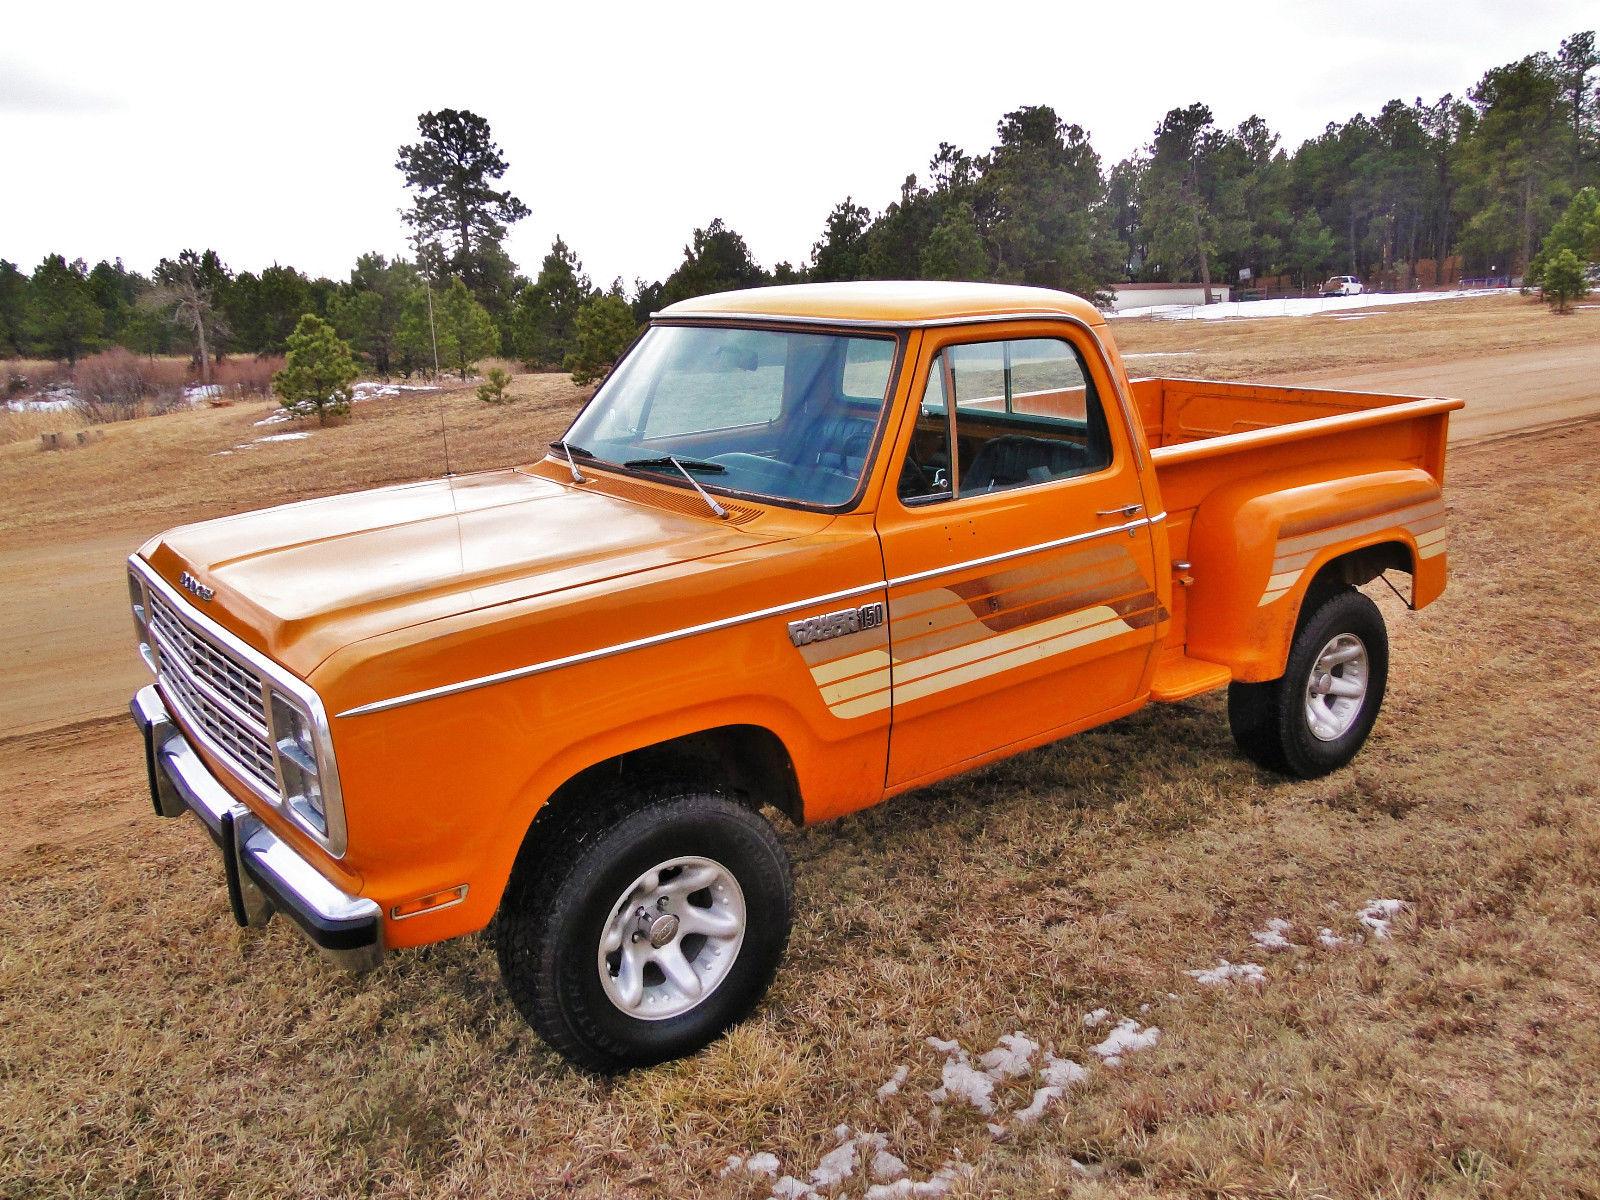 1979 Dodge Power Wagon Round Up Very Rare Survivor Warlock